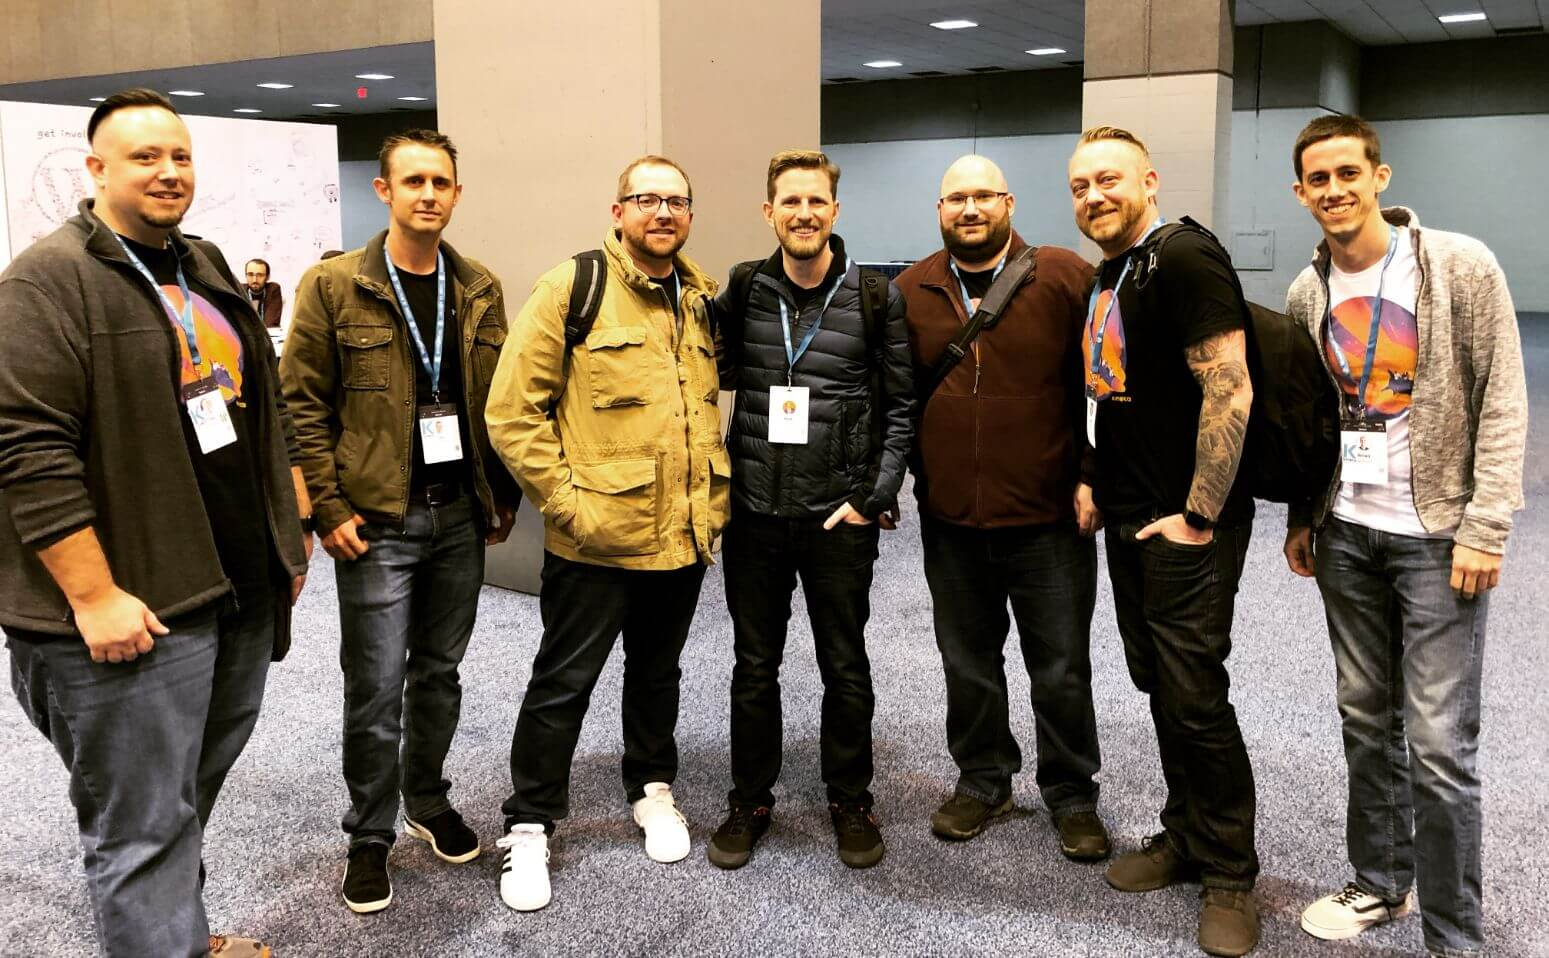 Kinsta-teamet med Matt Mullenweg på WordCamp US